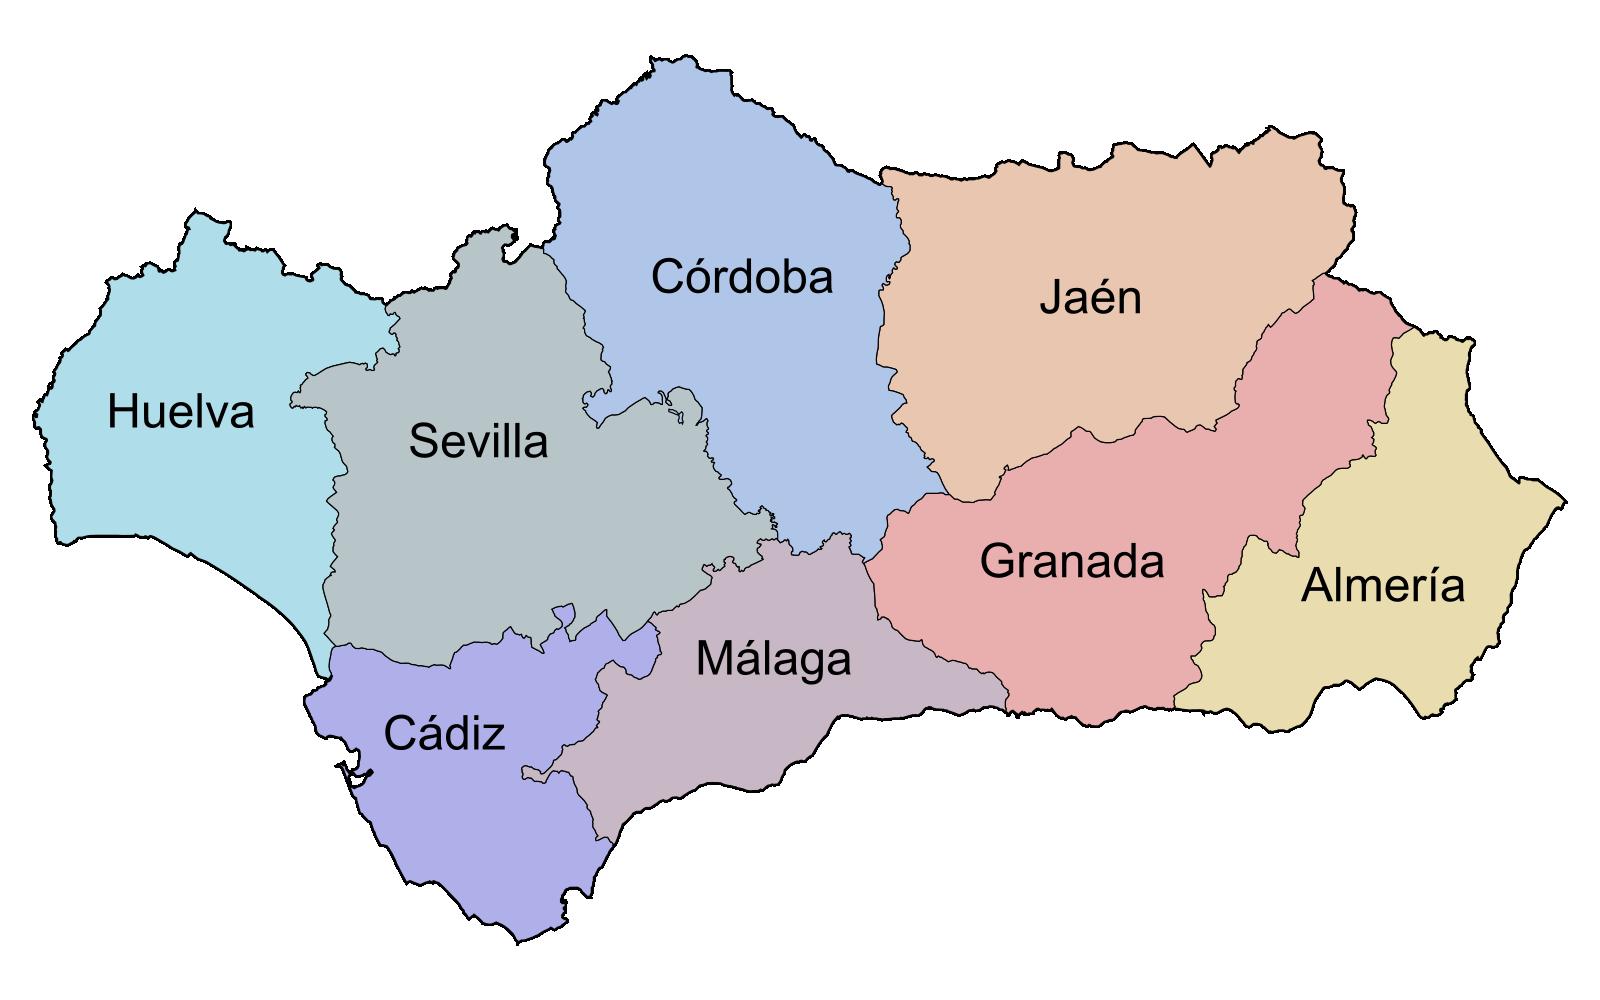 Carte des provinces - Andalousie - Espagne